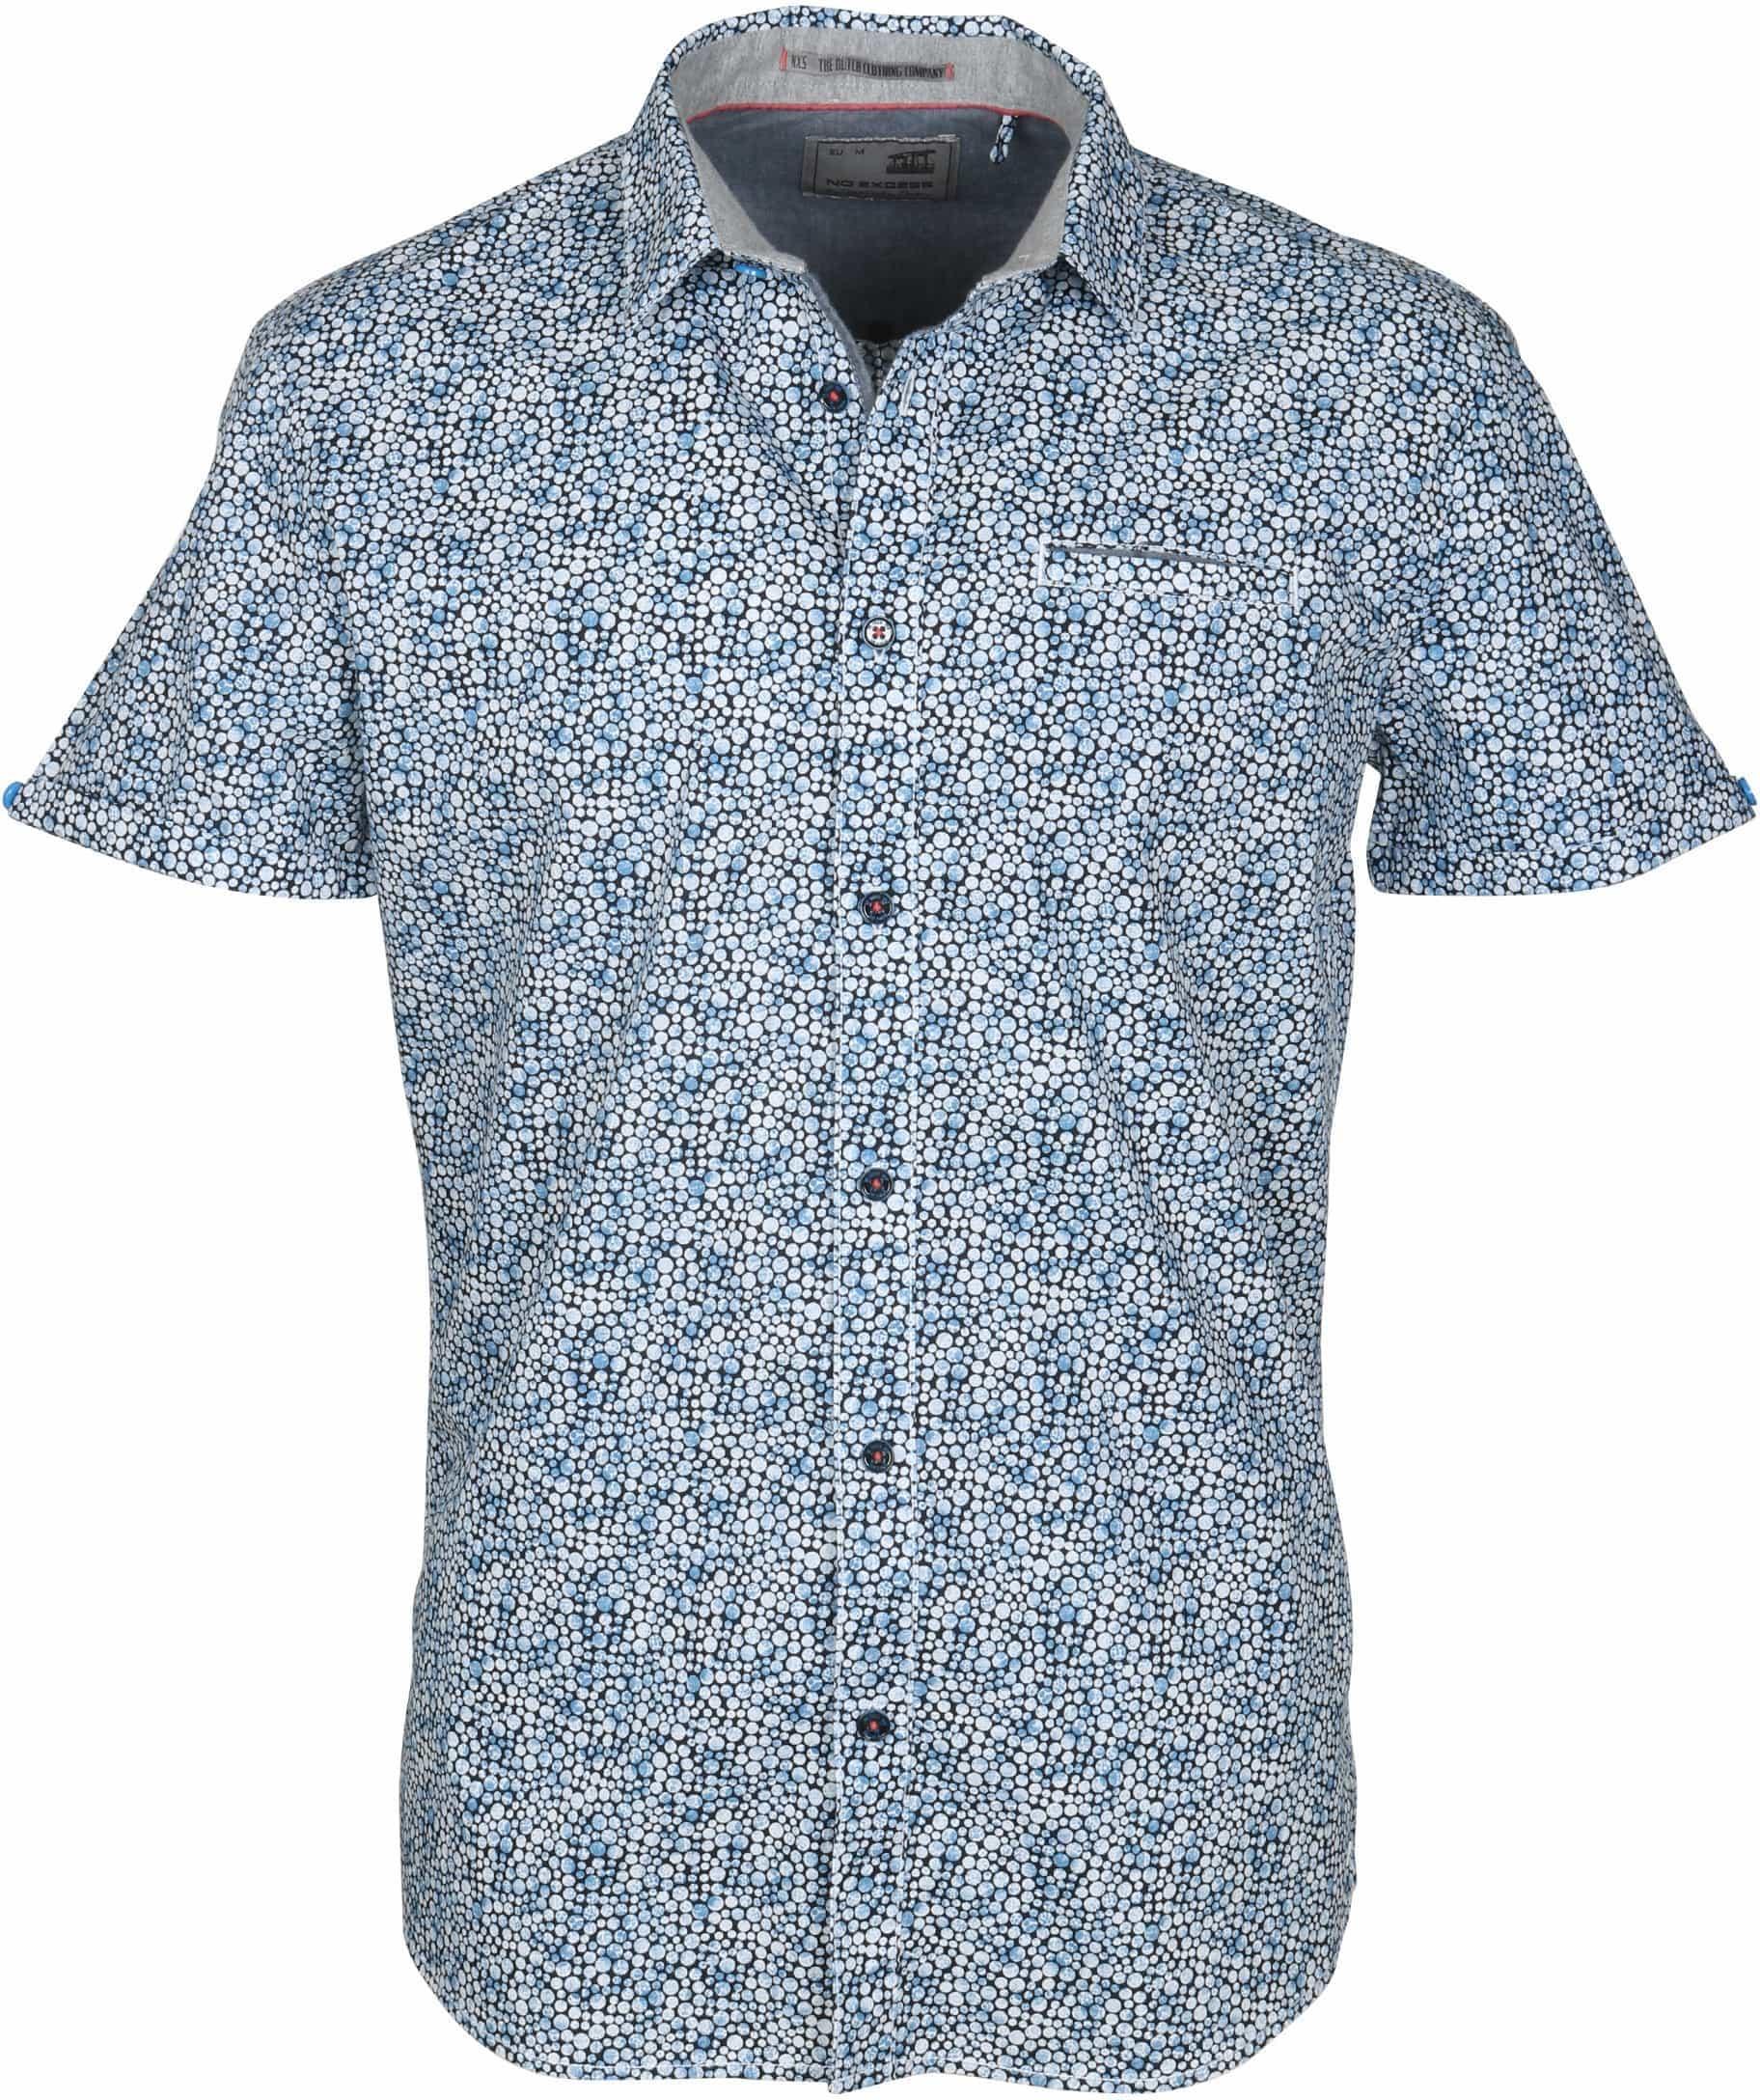 No-Excess Overhemd Blauw Stippen foto 0